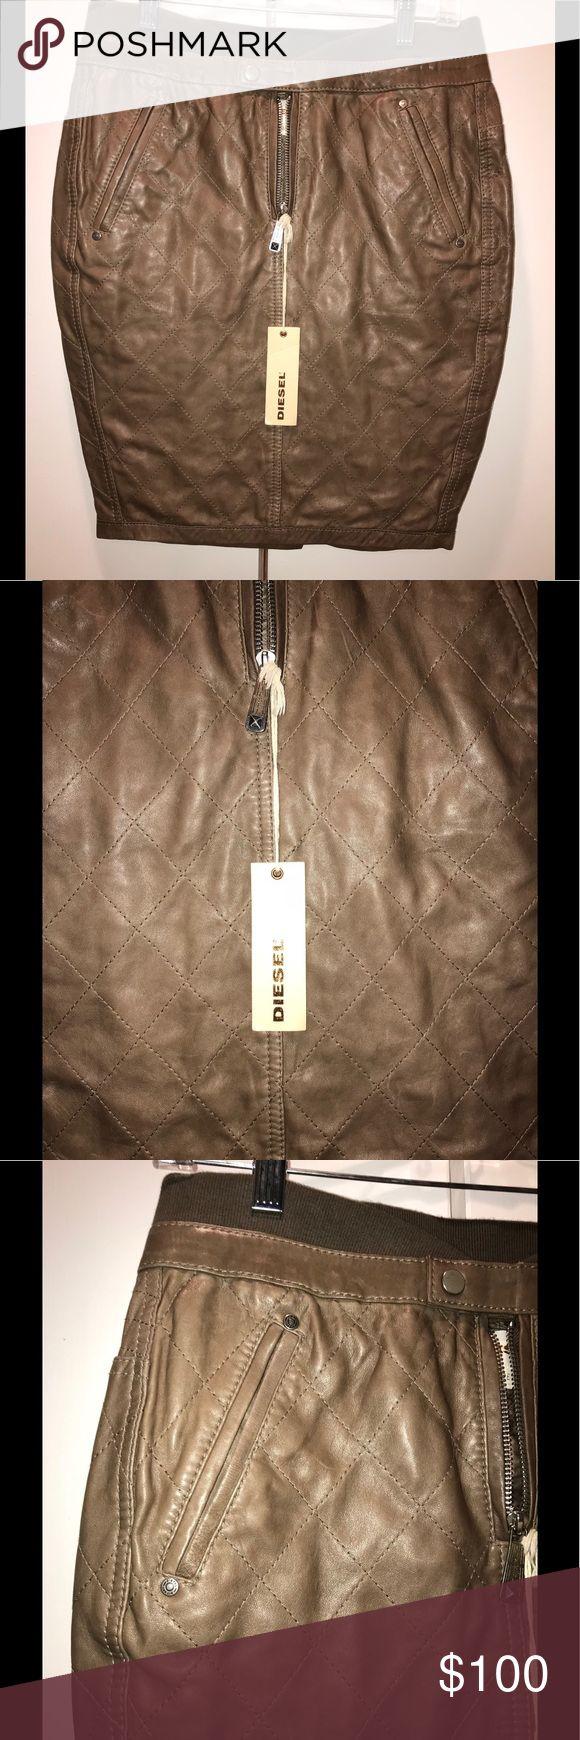 Diesel Brown Leather Skirt Diesel Skirt NEW With Tag European size 28 Diesel Skirts Midi